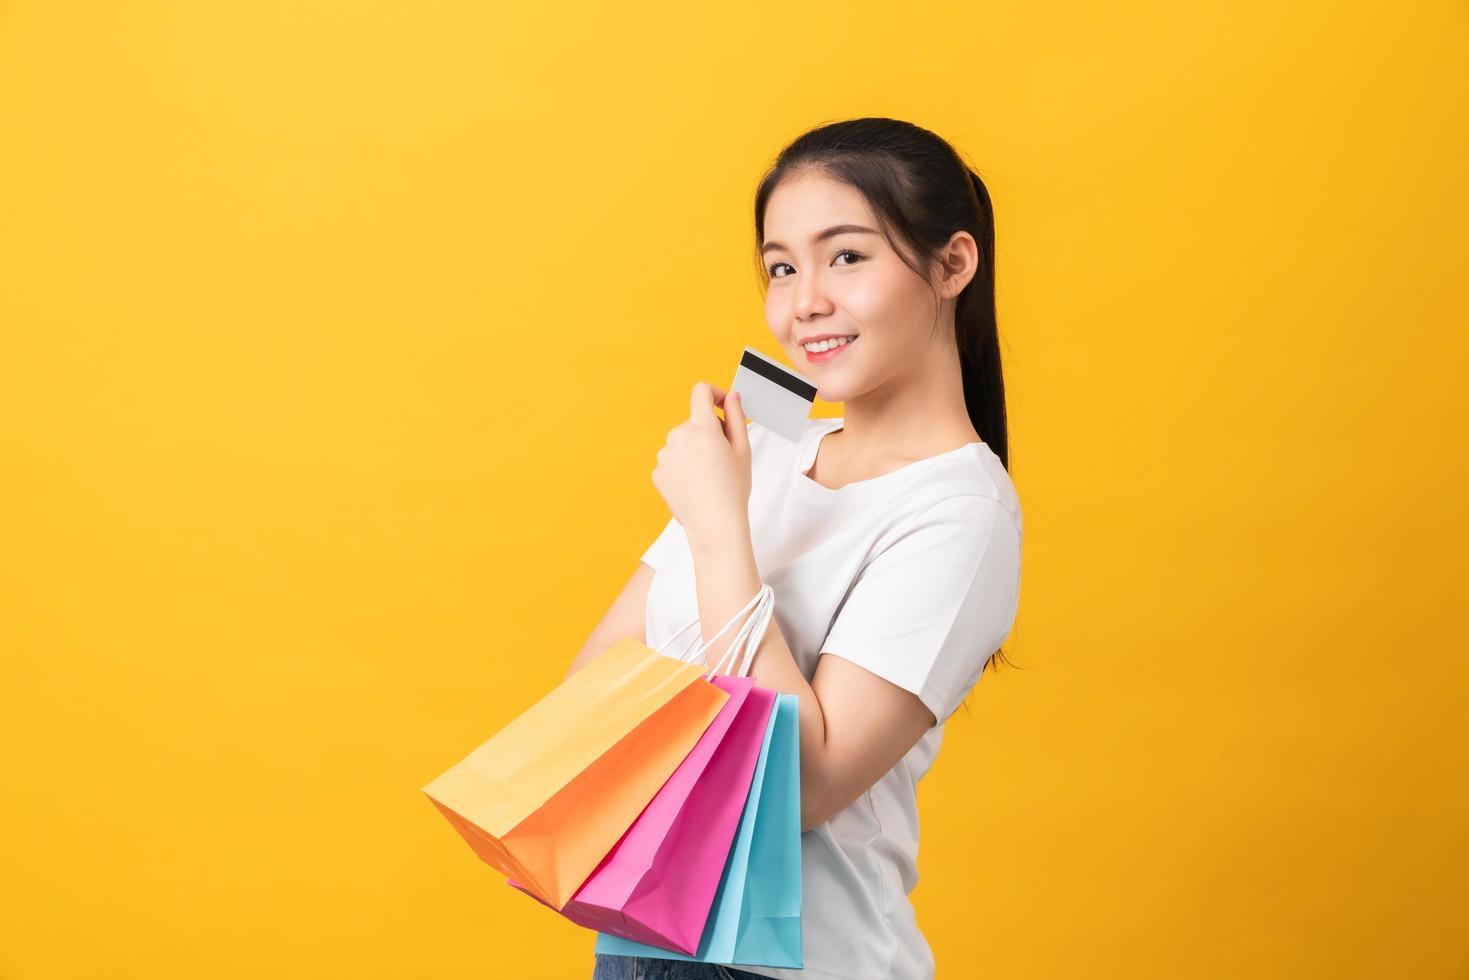 mulher segurando sacolas coloridas e cartão de crédito foto